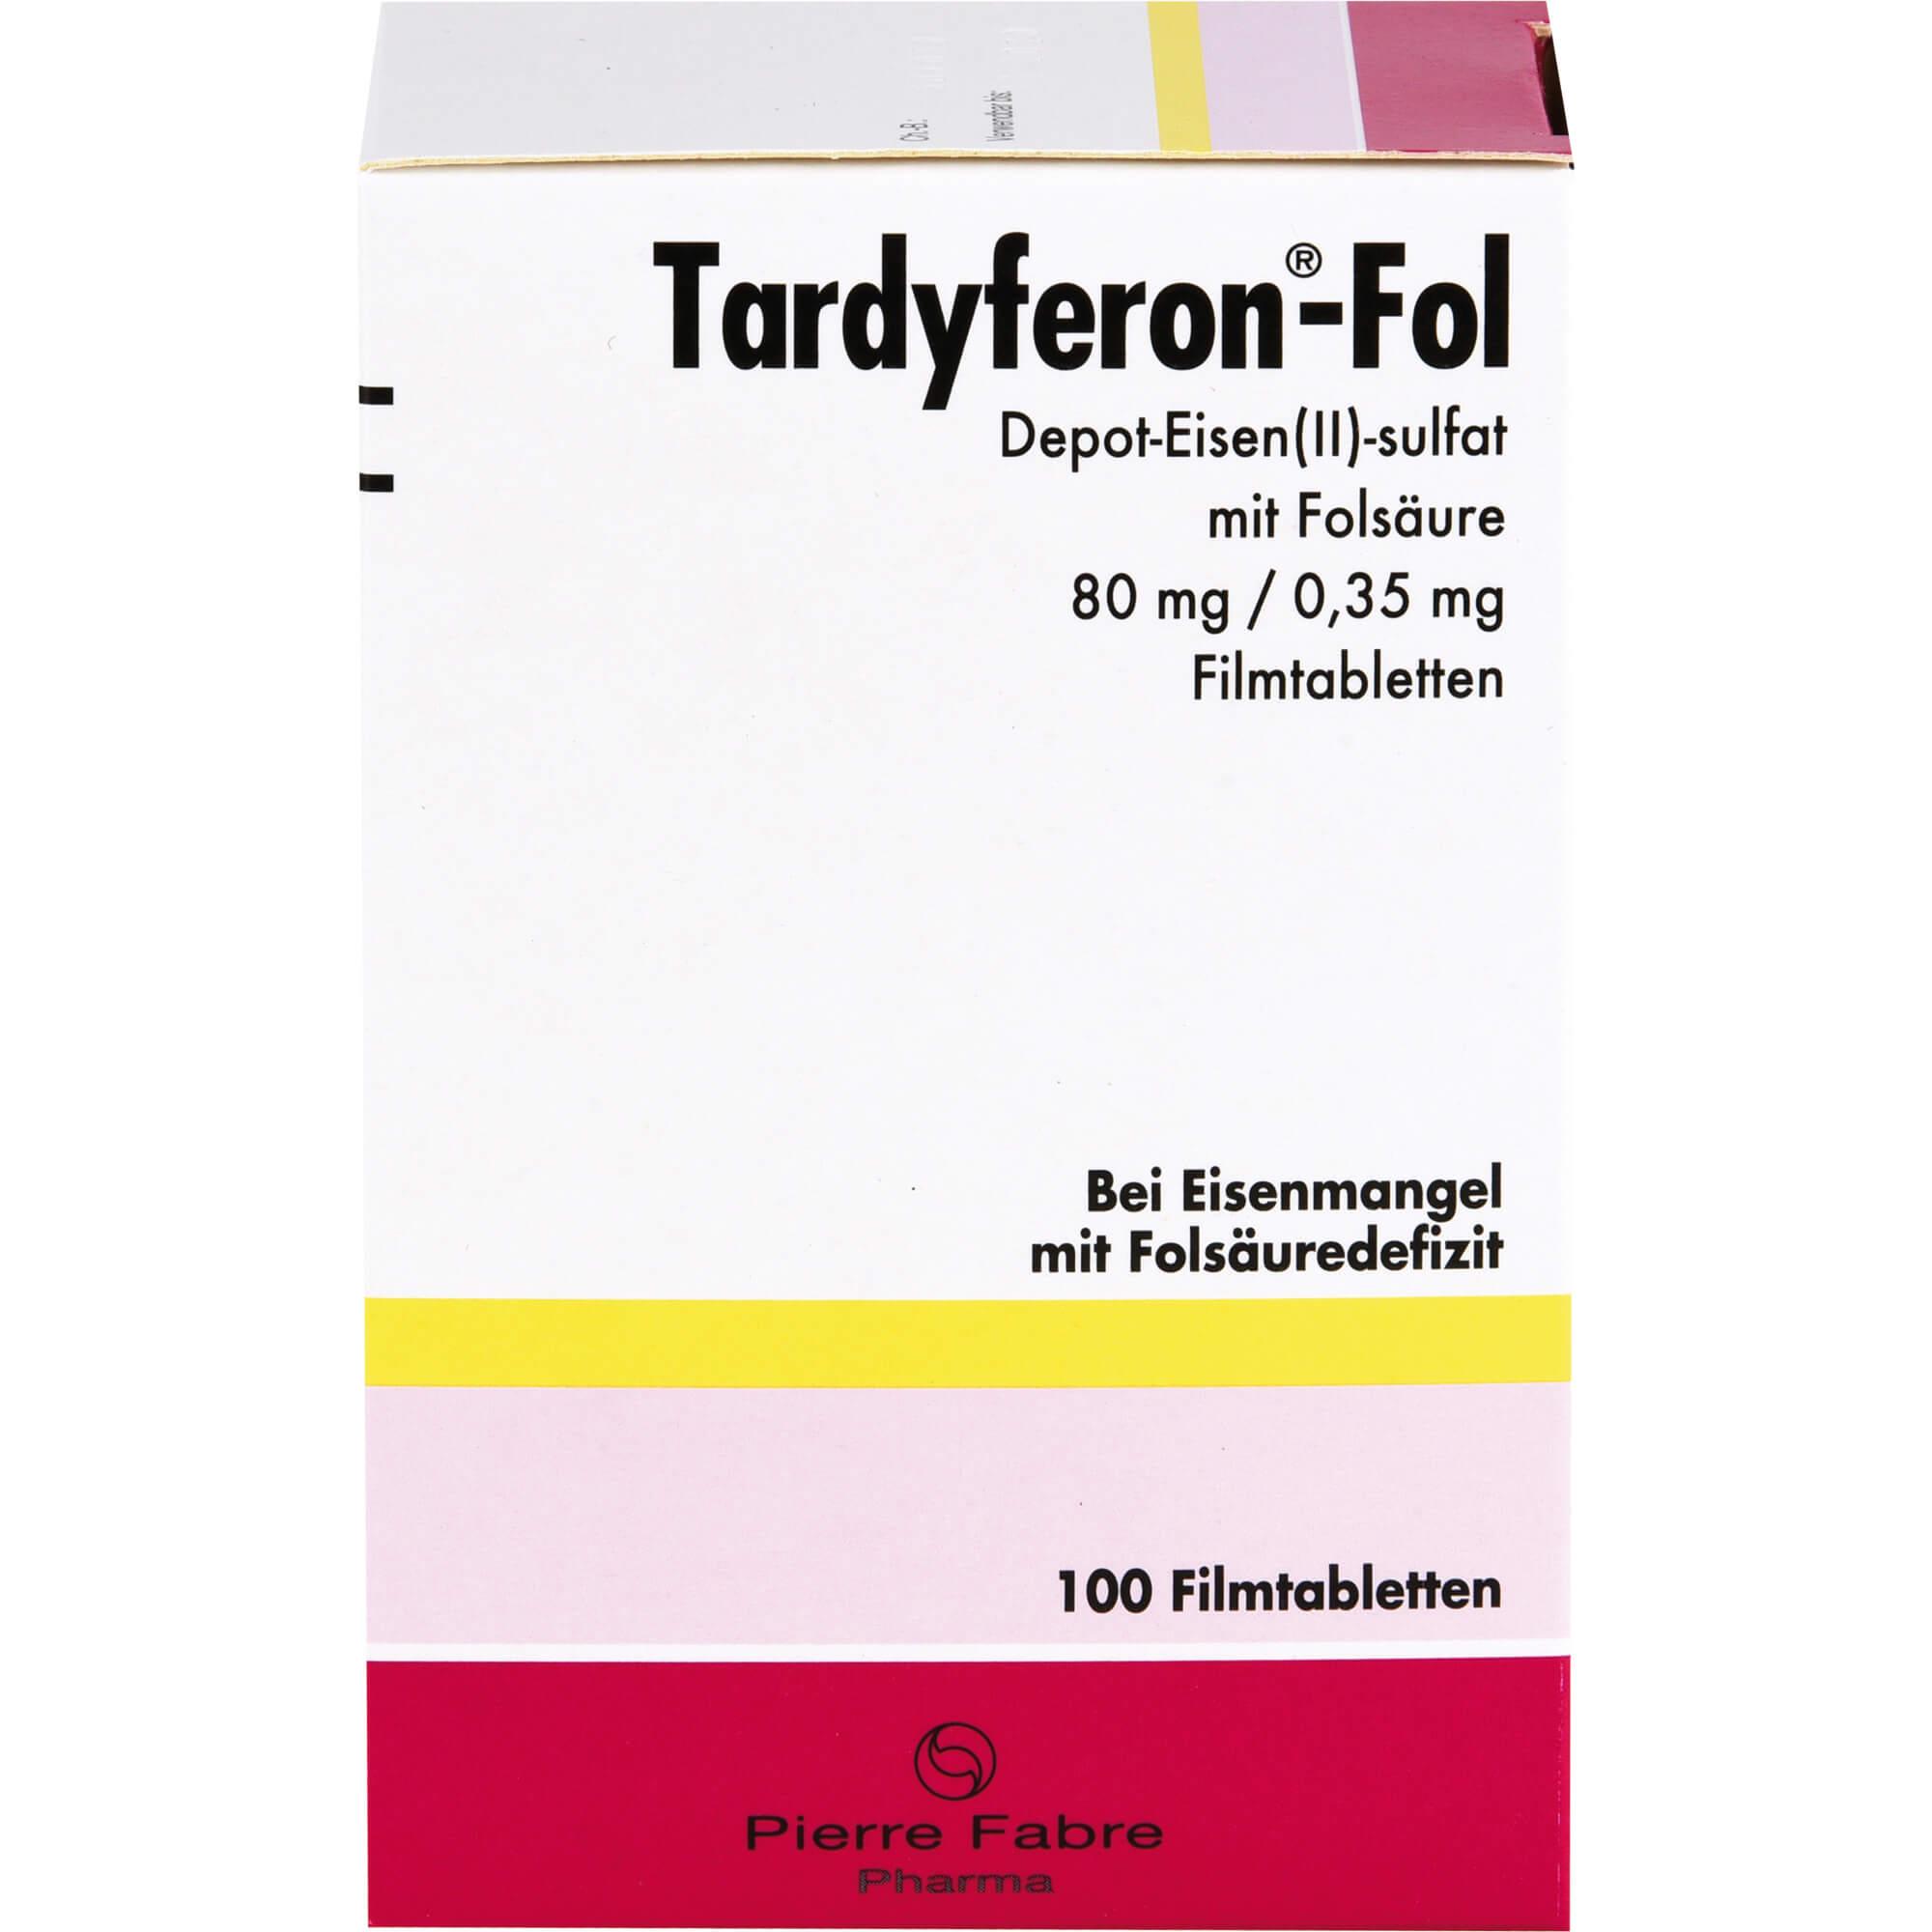 TARDYFERON-Fol-Depot-Eisen-II-sul-m-Fols-Filmtab